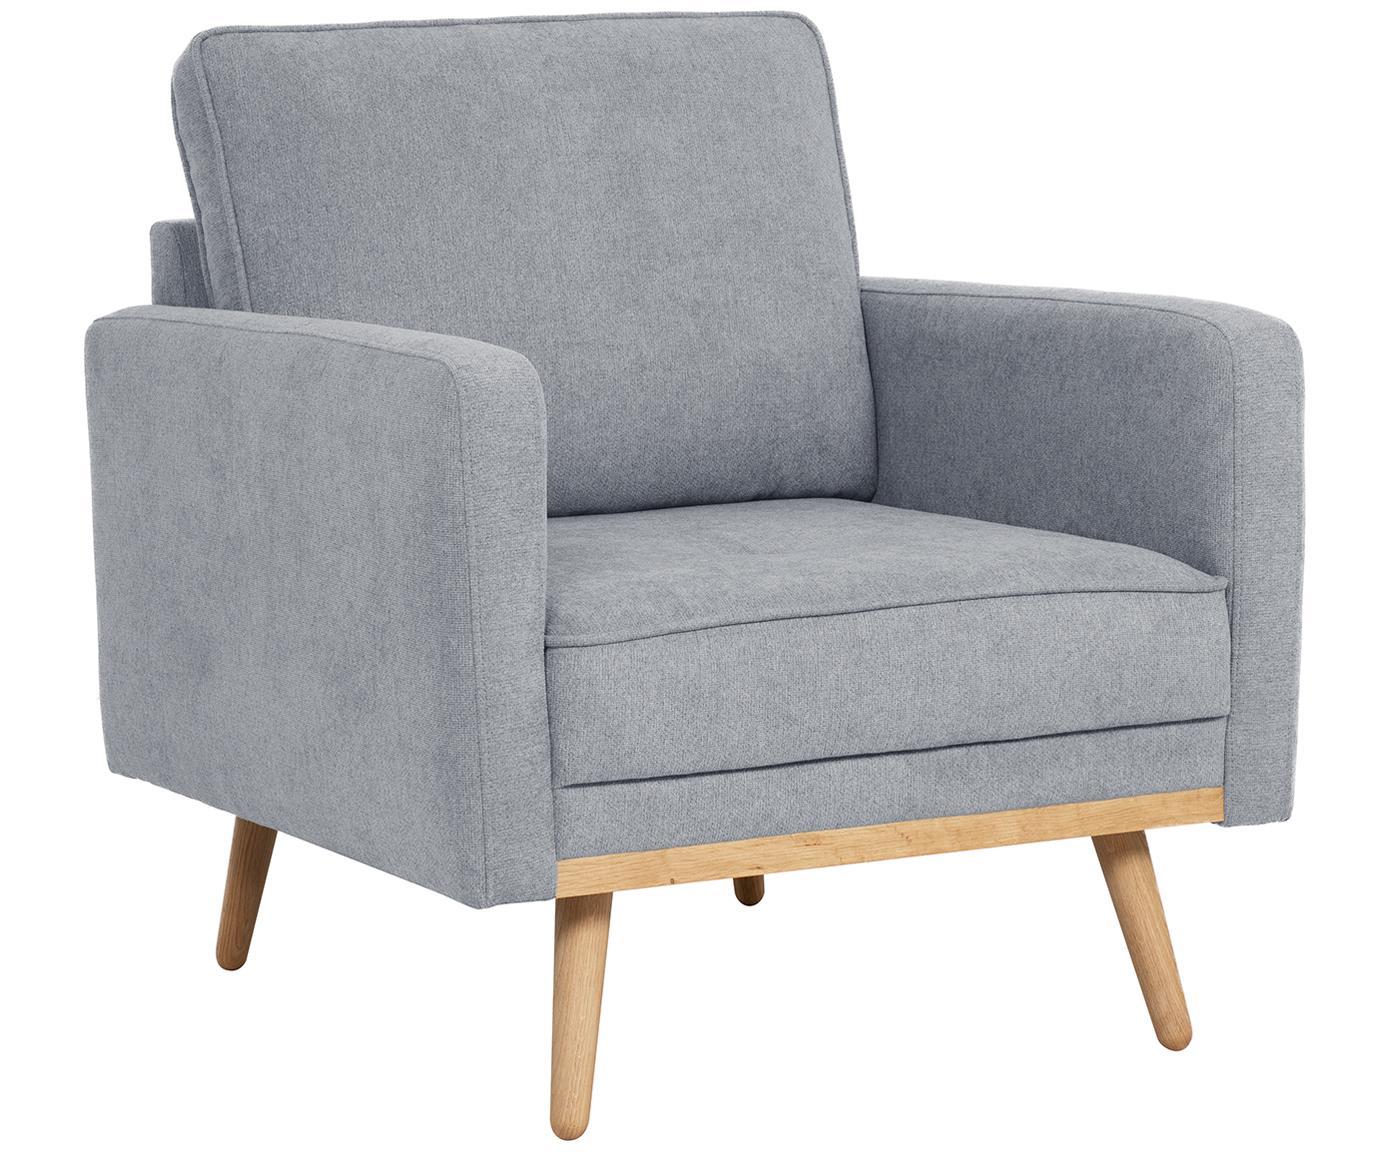 Fauteuil Saint, Bekleding: polyester, Frame: massief grenenhout, spaan, Geweven stof blauwgrijs, B 85 x D 76 cm